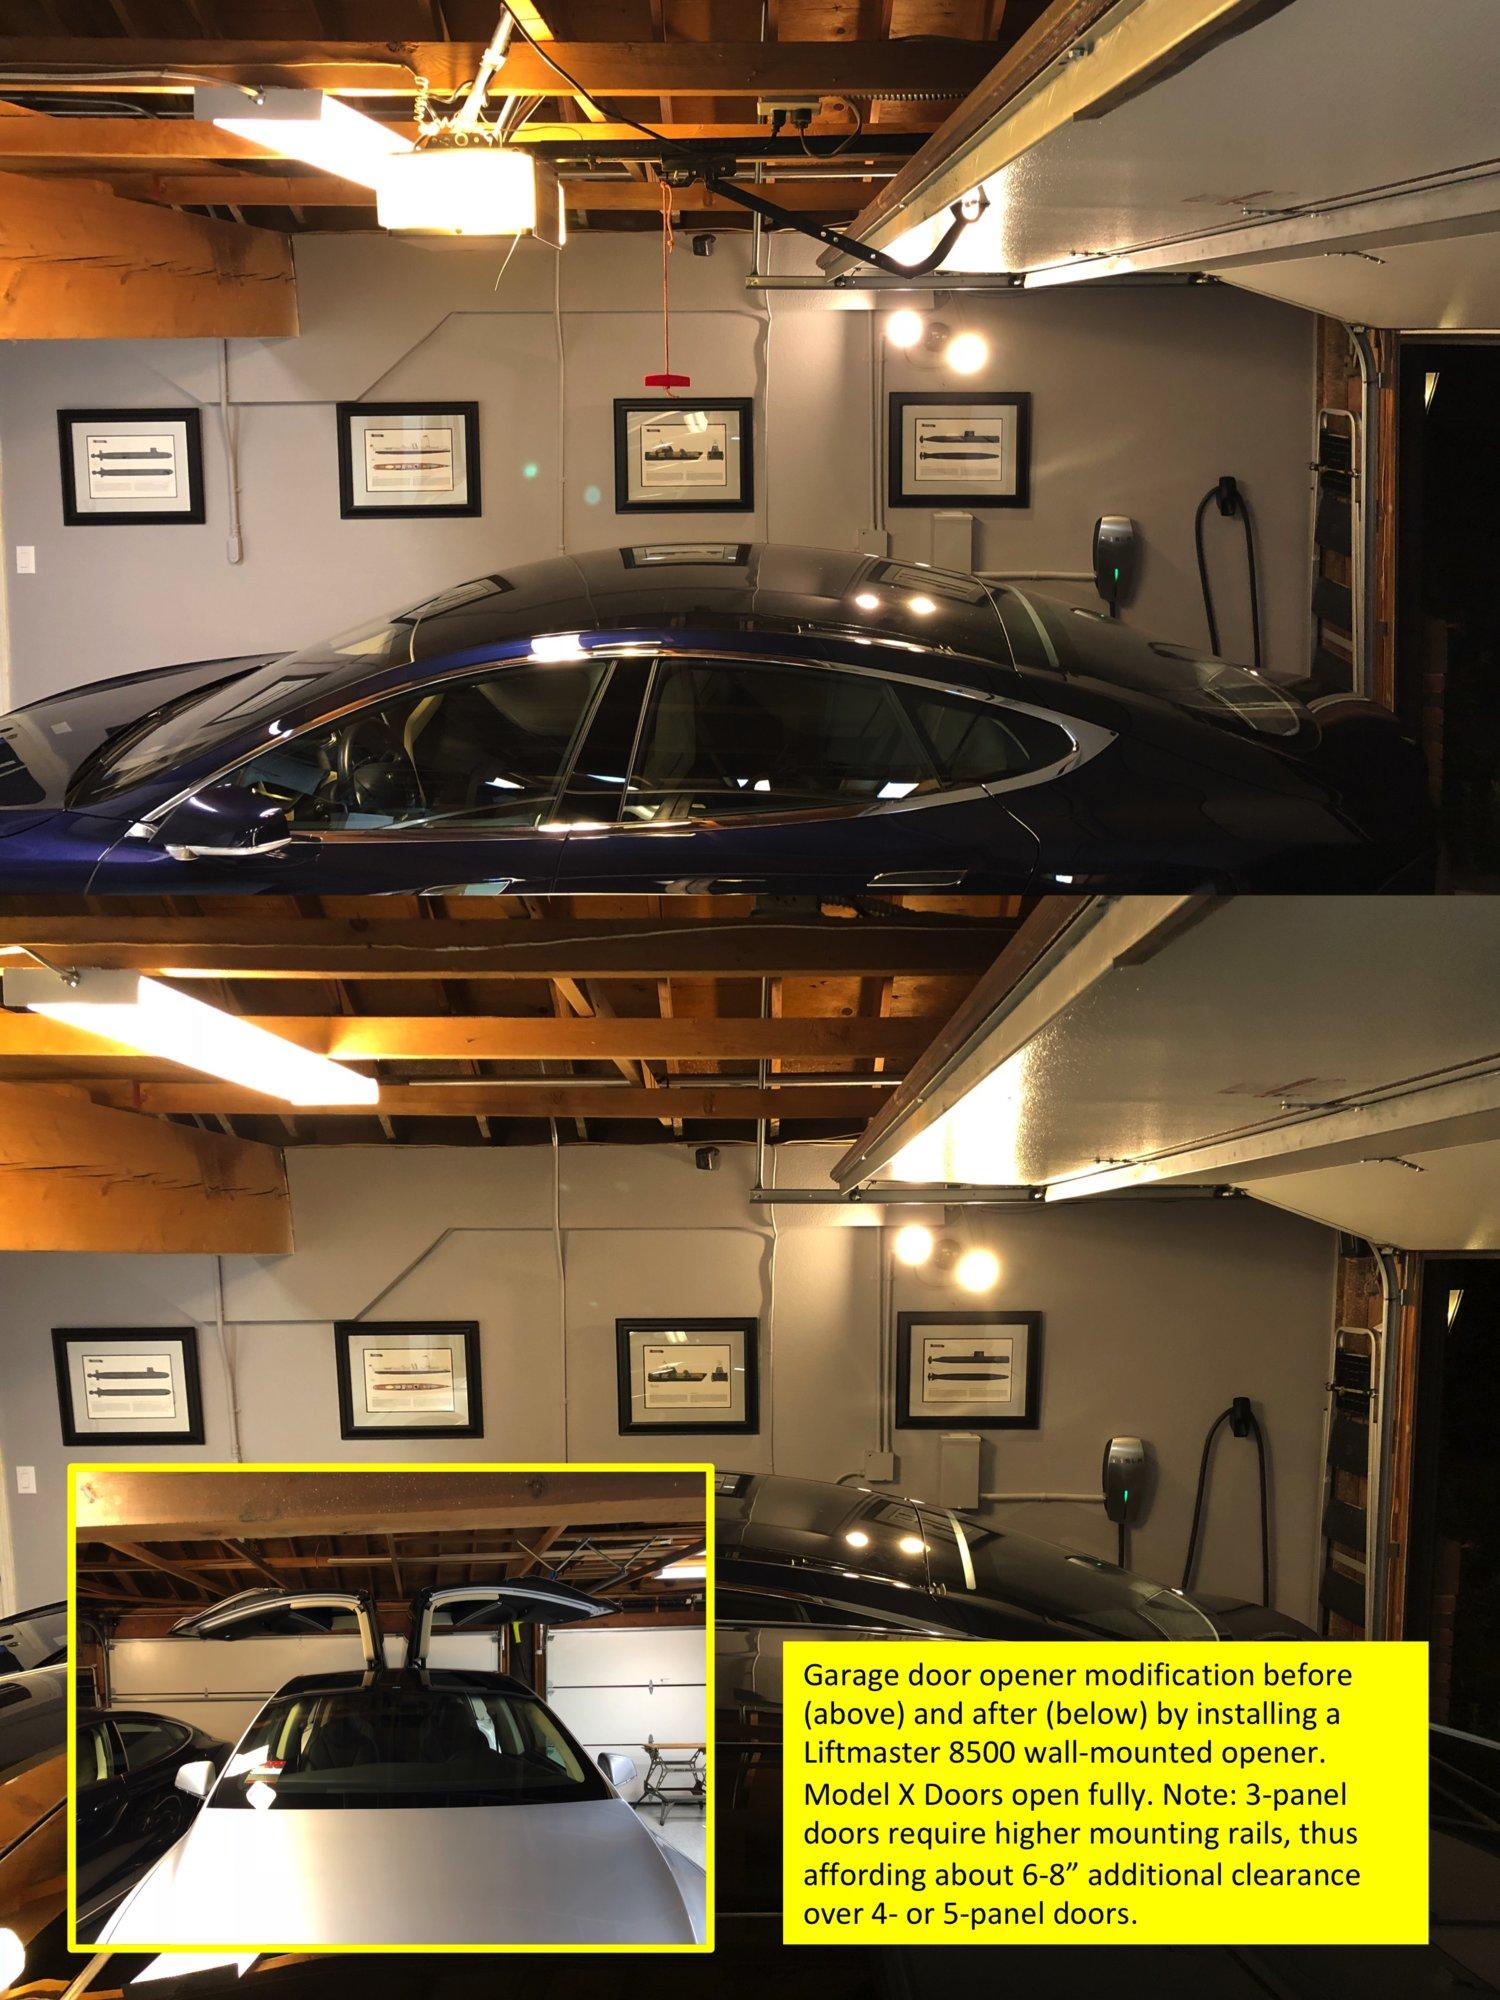 Garage Mods for Model X.jpg